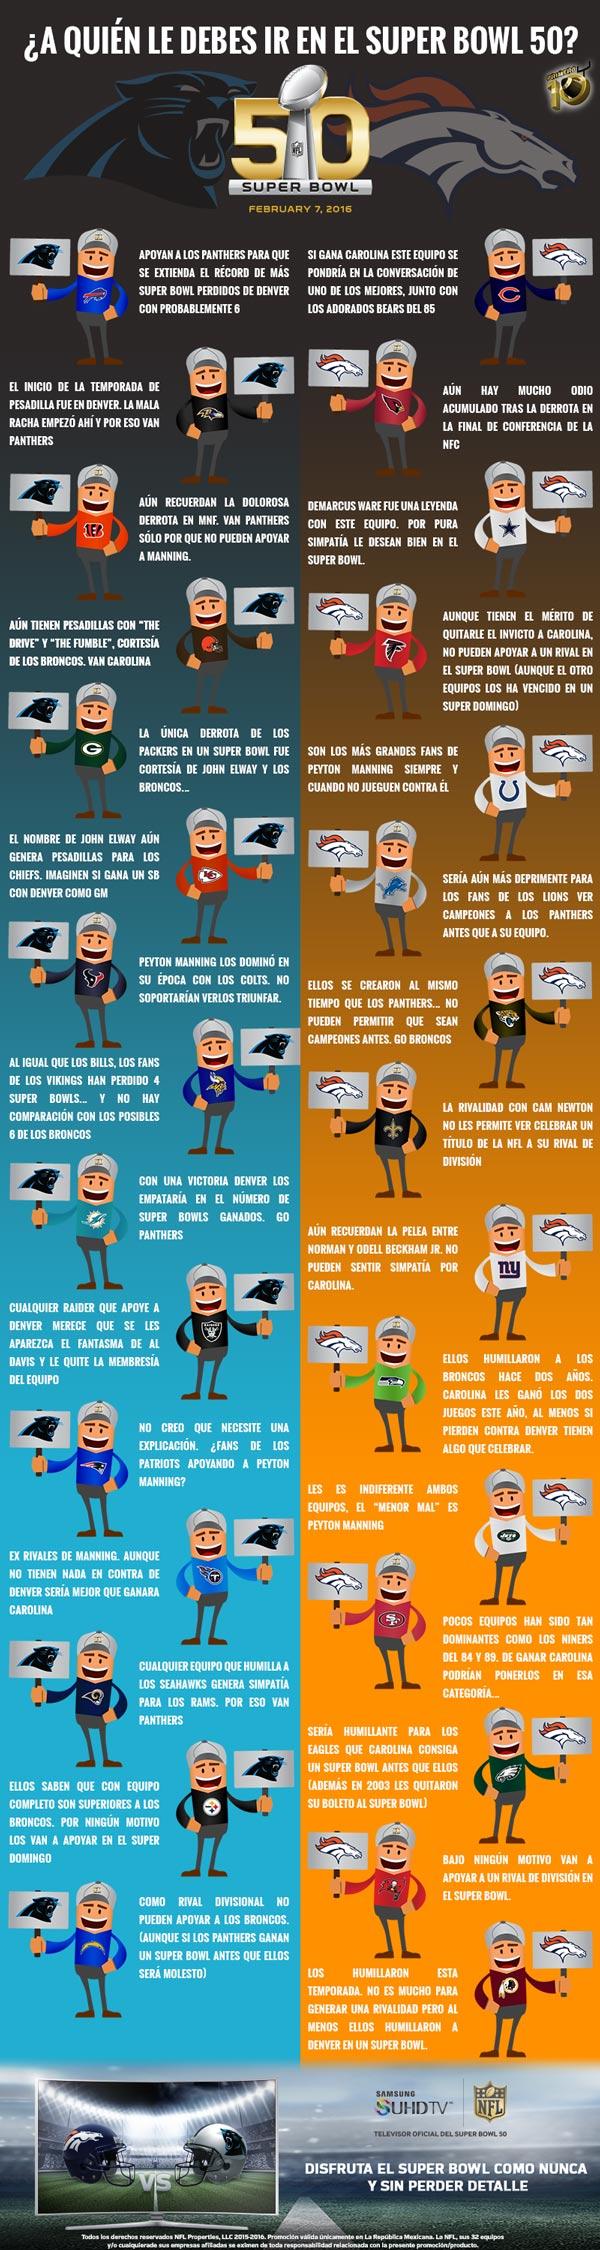 Infografia-SB-50-a-quien-irle